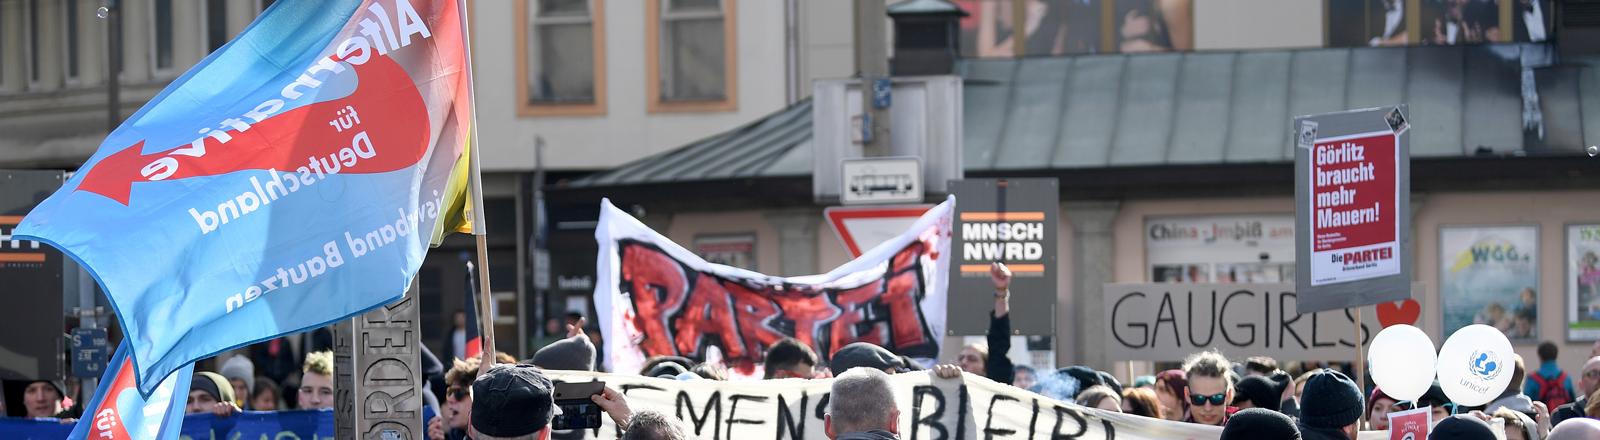 10.03.2018, Sachsen, Görlitz: Teilnehmer der Kundgebung der AfD Görlitz zur Zukunft der Arbeitsplätze in der Lausitz (vorne) und Gegendemonstranten stehen sich auf dem Marienplatz gegenüber.